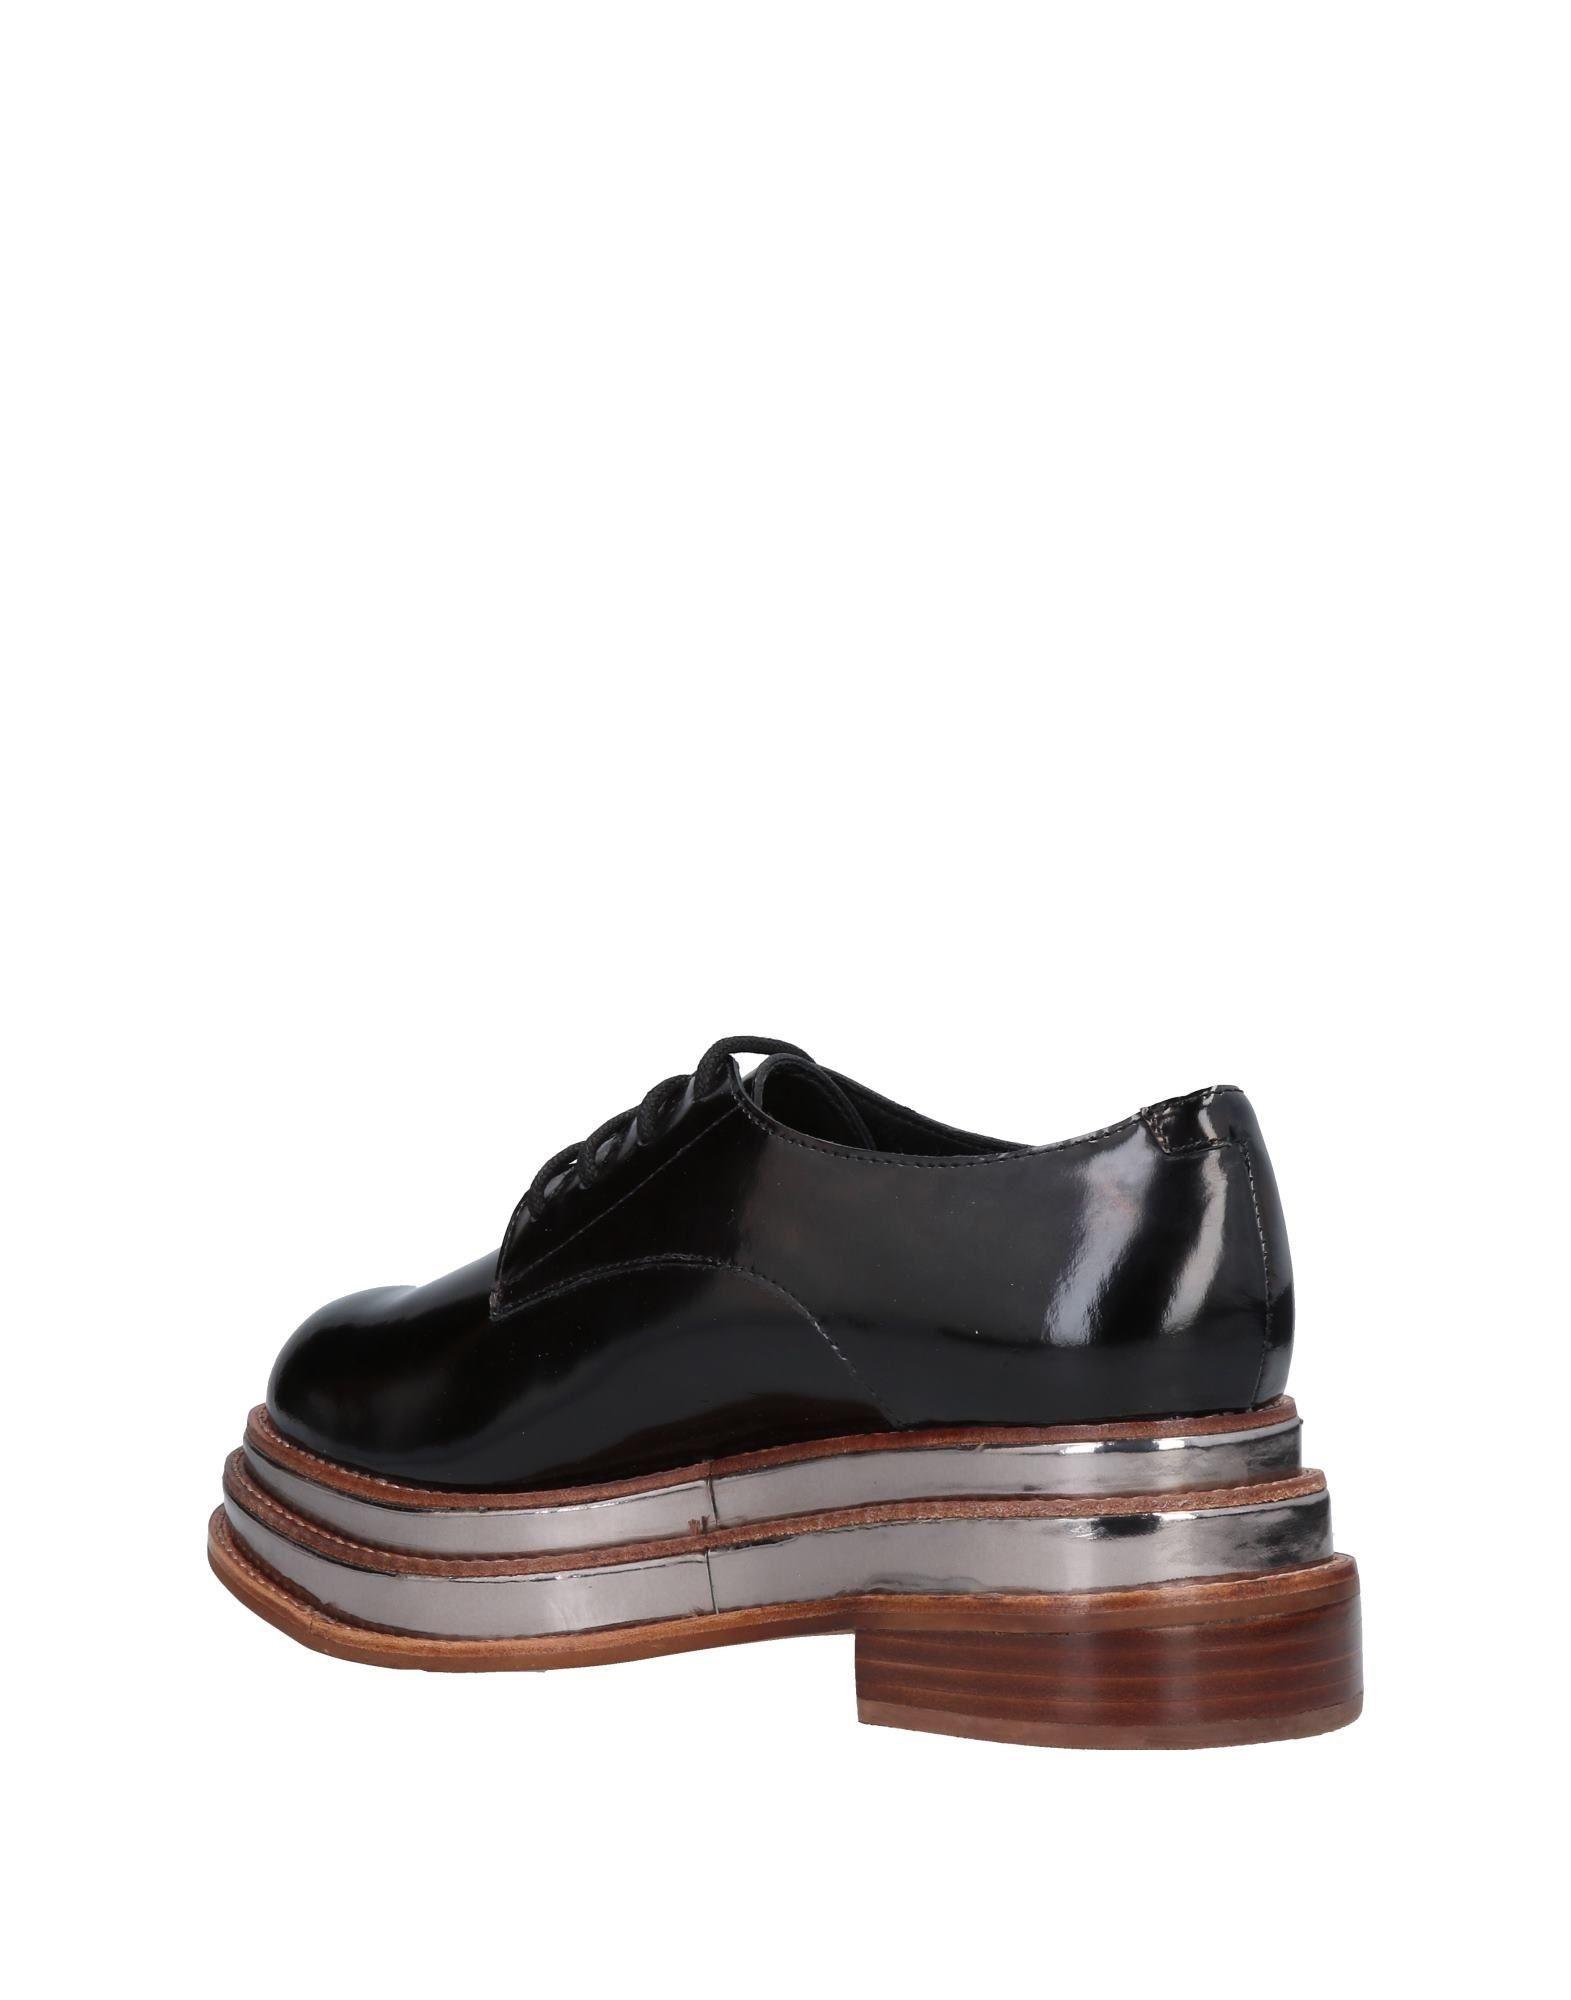 Jeffrey Campbell Schnürschuhe Damen  Schuhe 11492729MB Gute Qualität beliebte Schuhe  9f4cb9